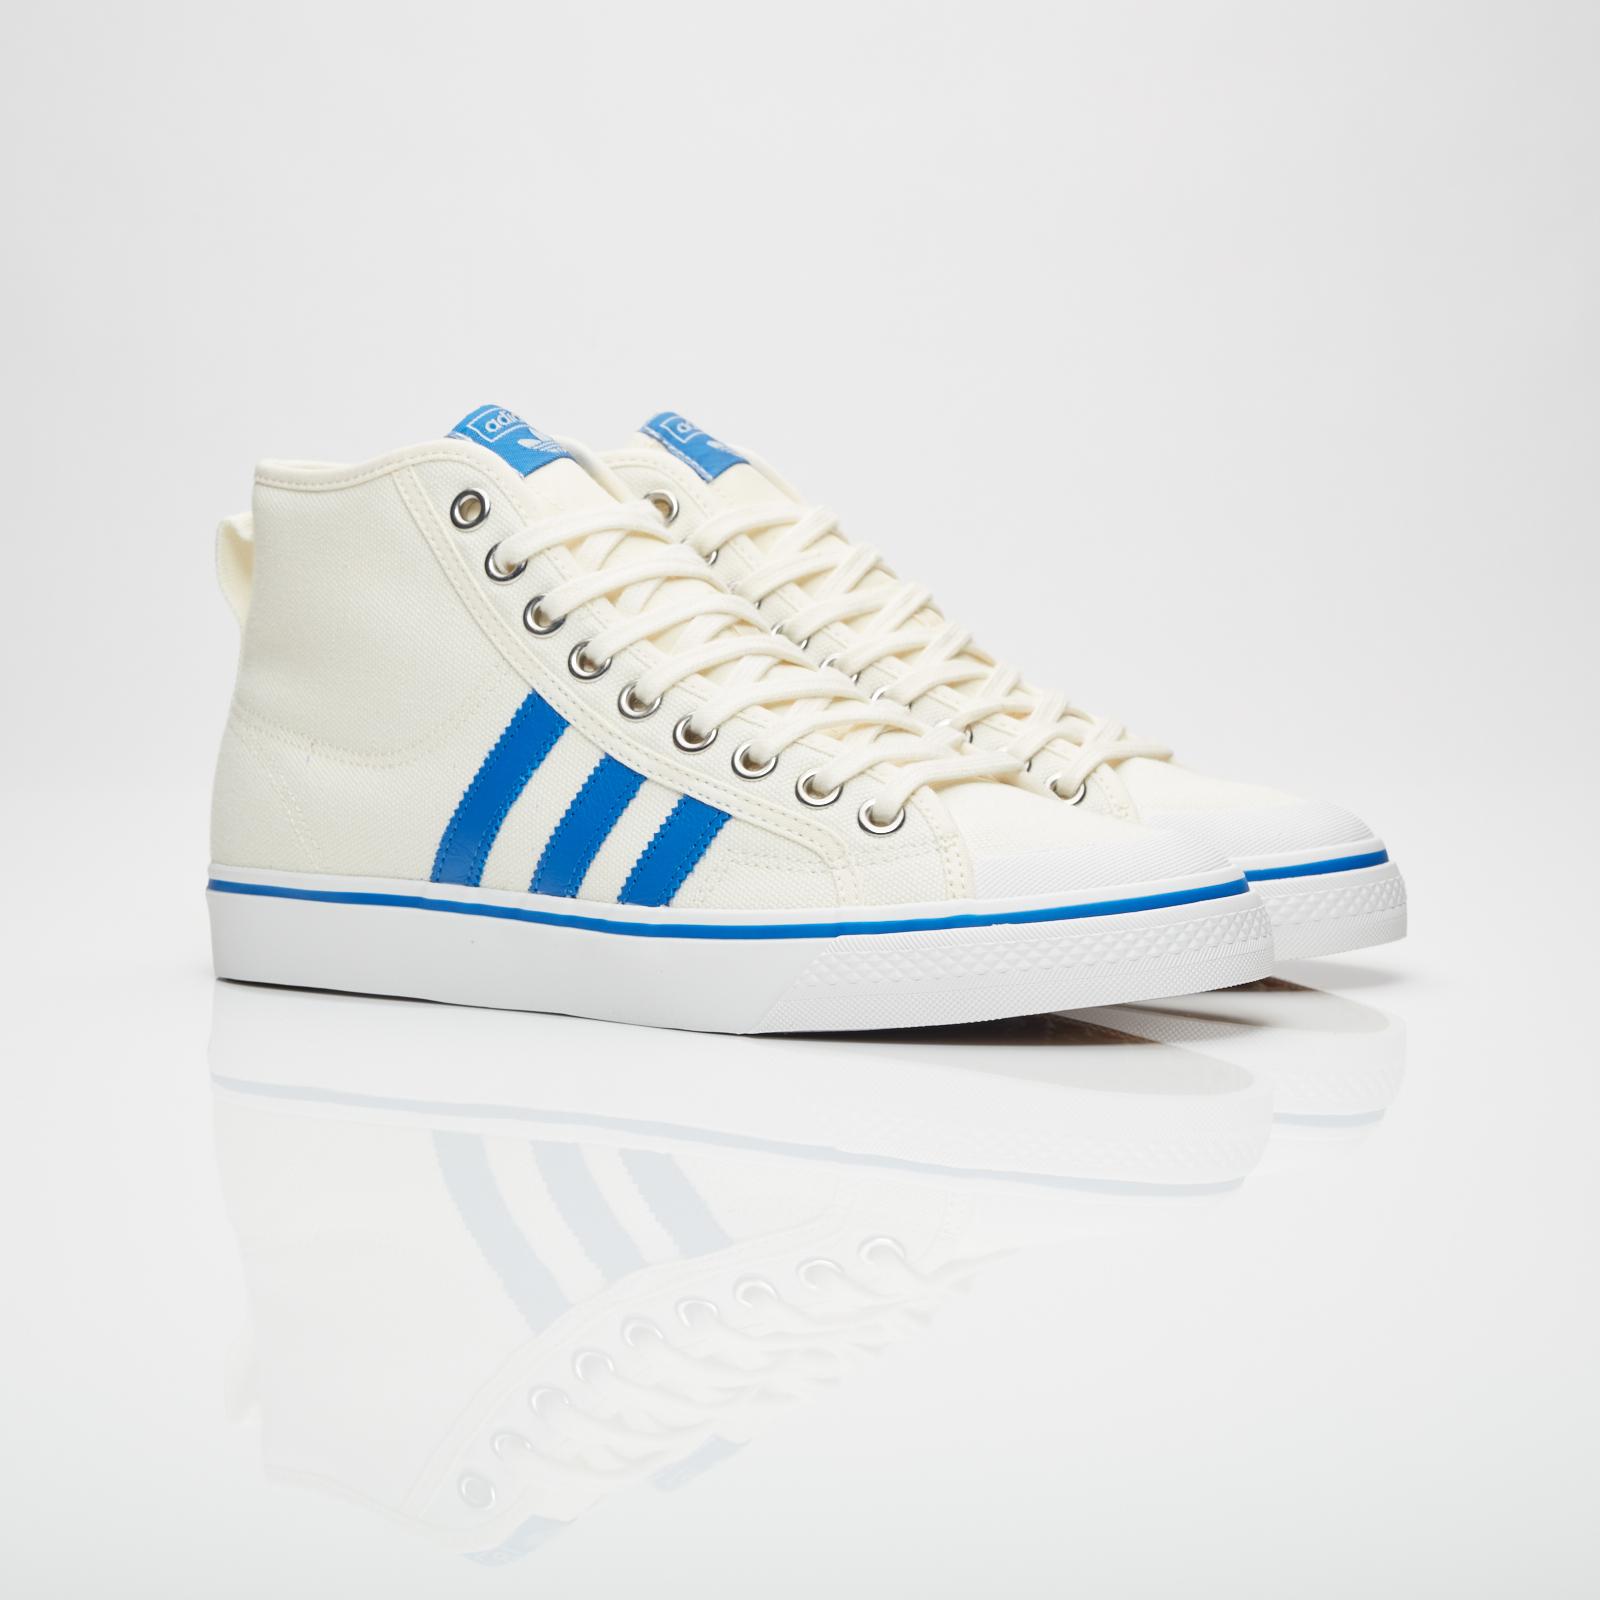 hot sale online a26e7 88a2c adidas Originals Nizza Hi